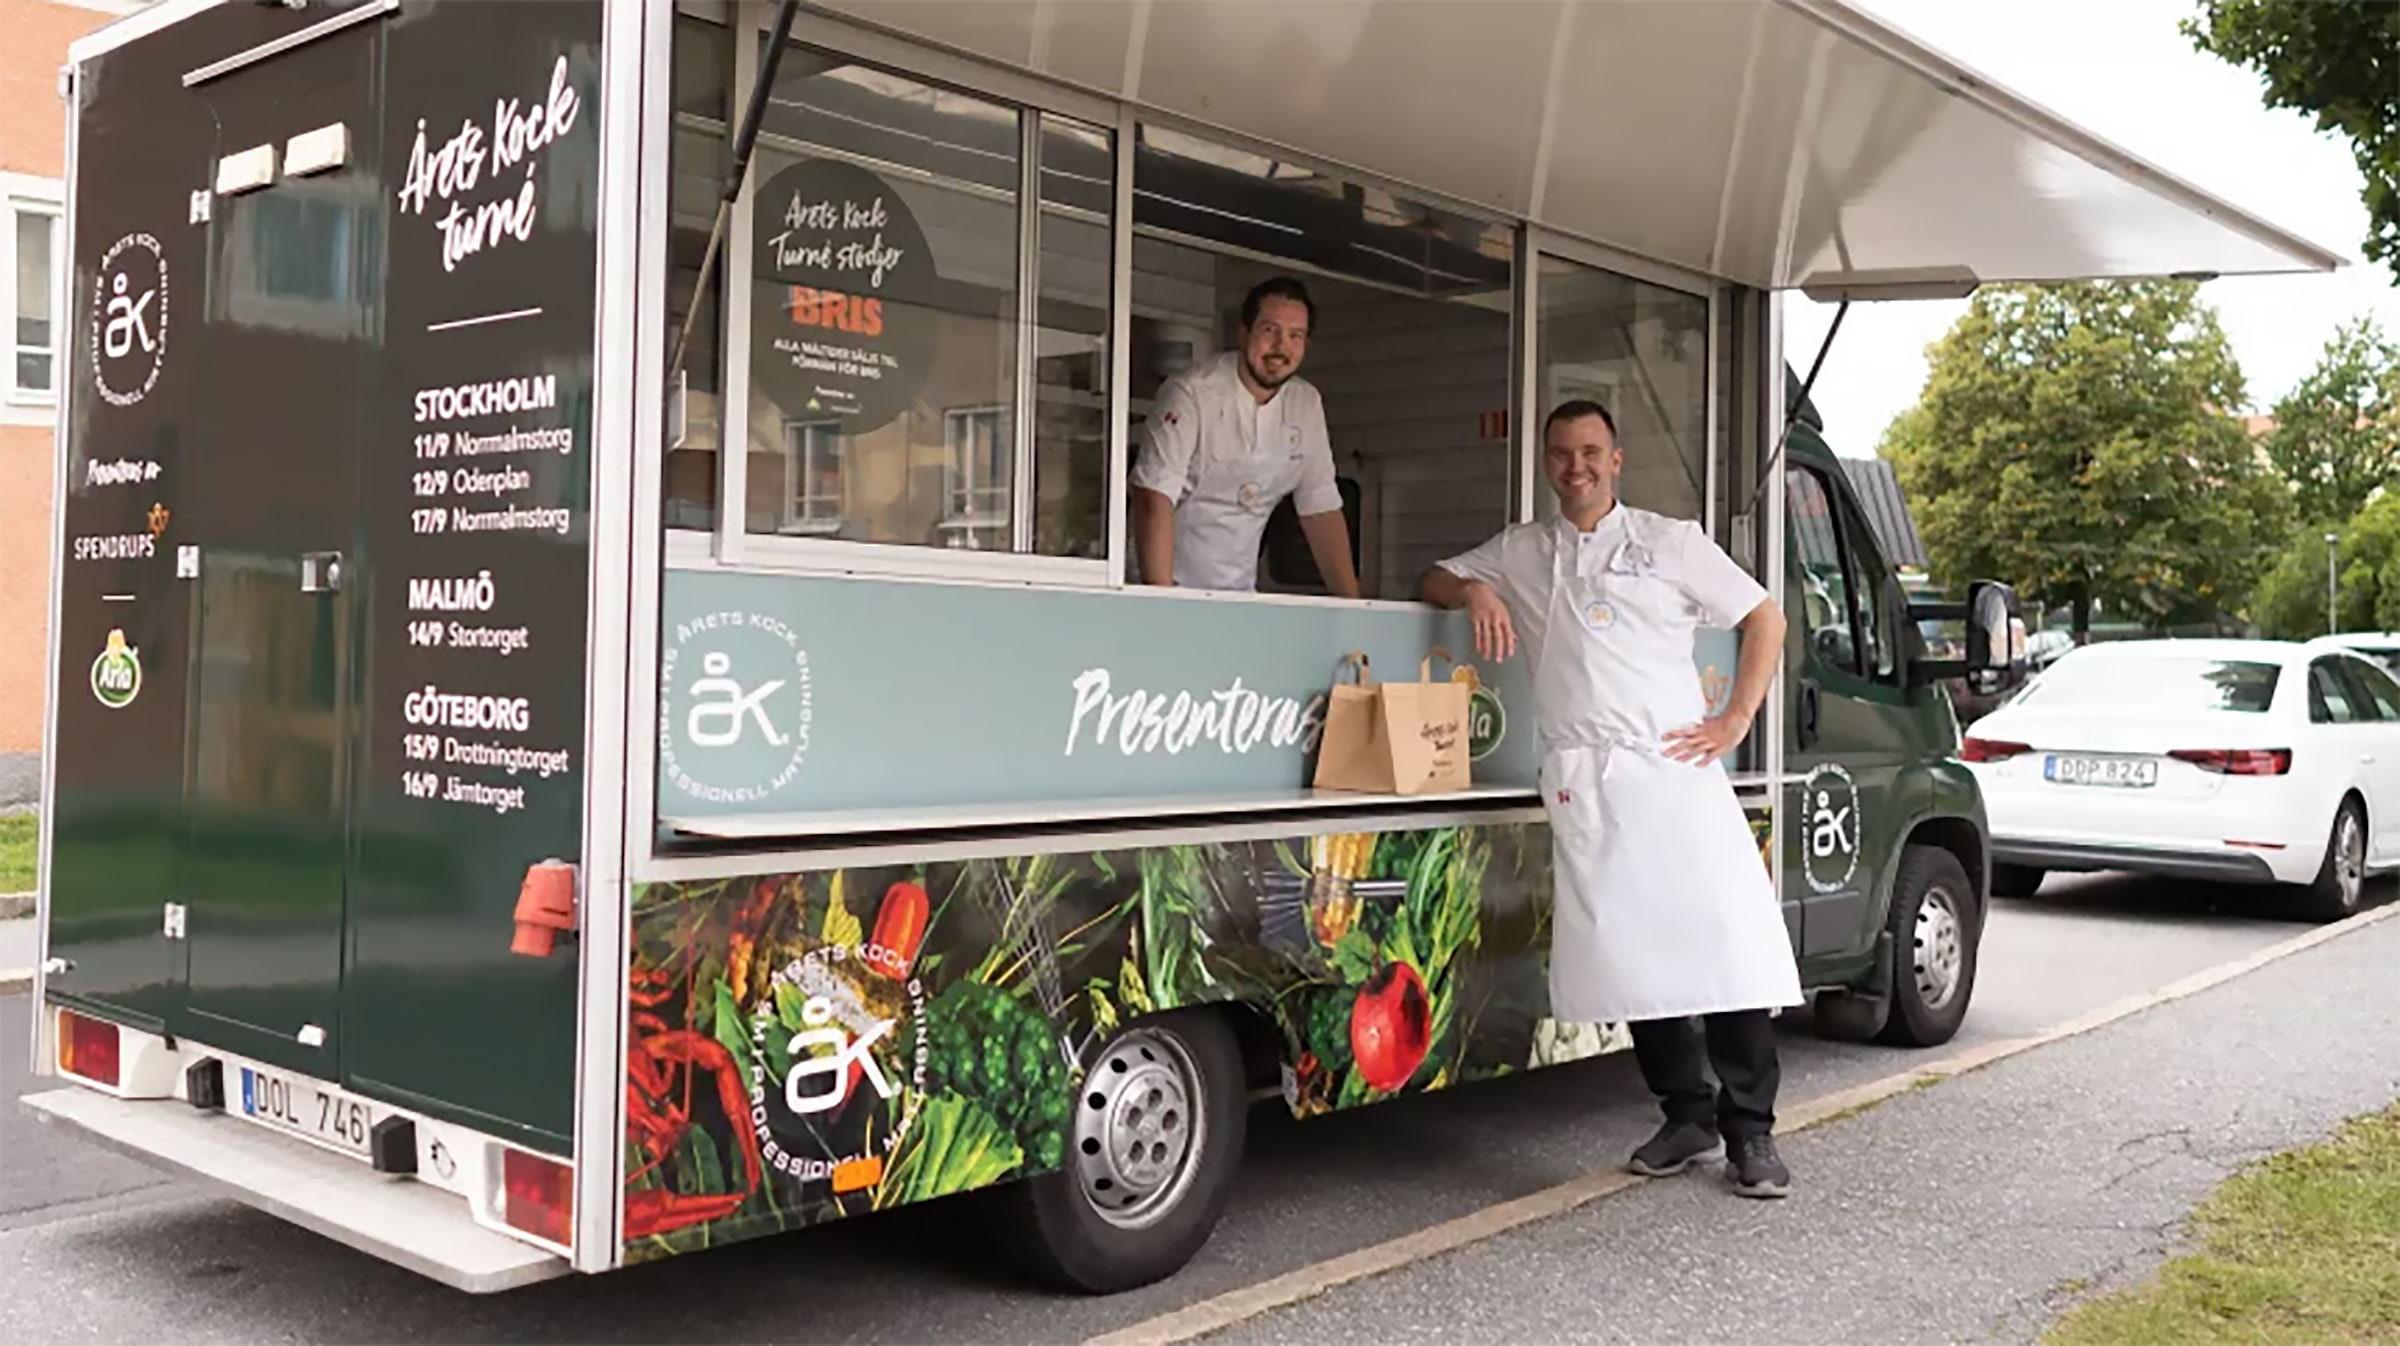 Årets Kock Foodtruck på turné med tidigare vinnare